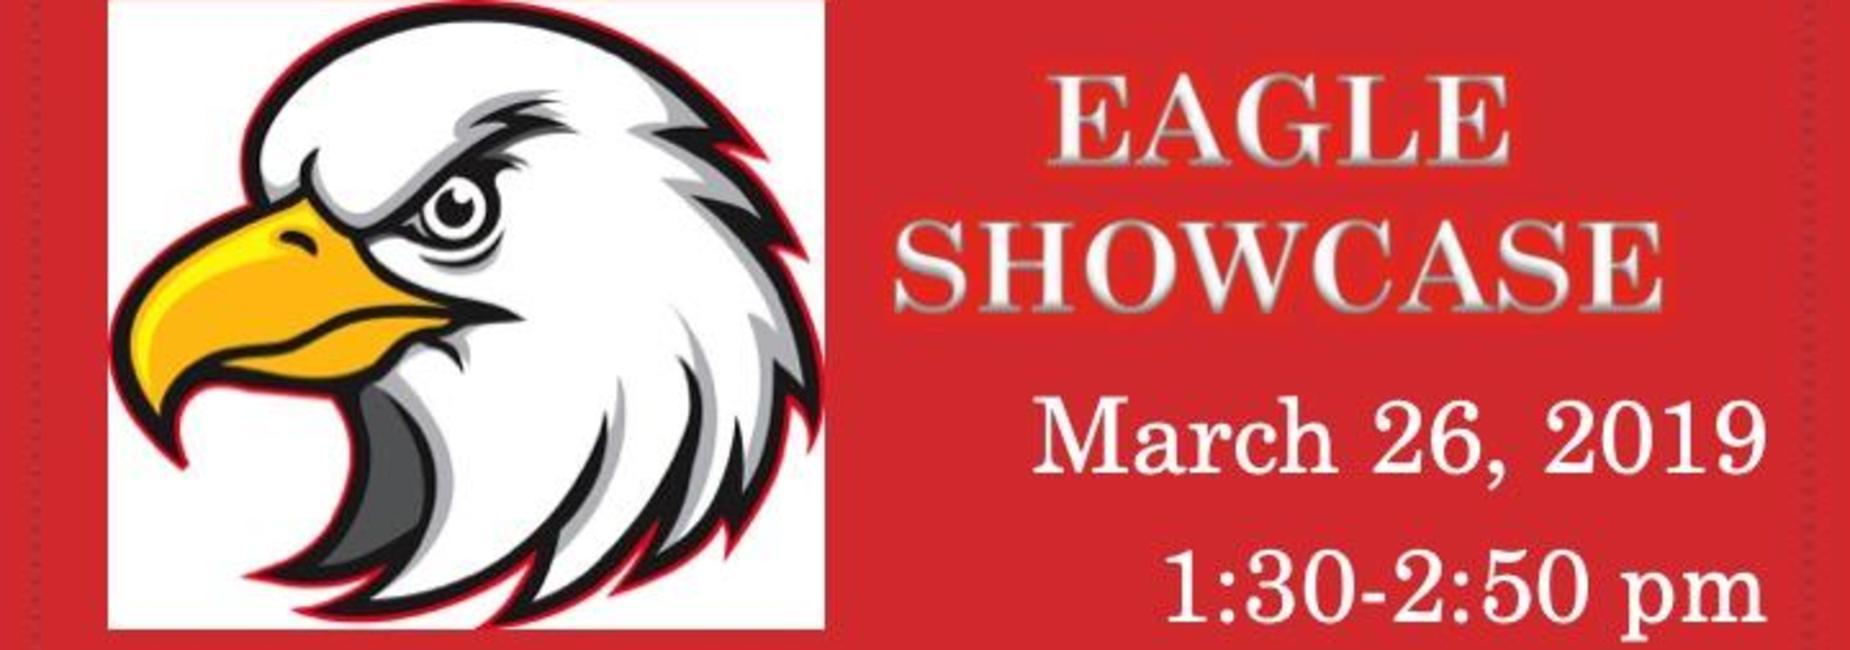 Eagle Showcase